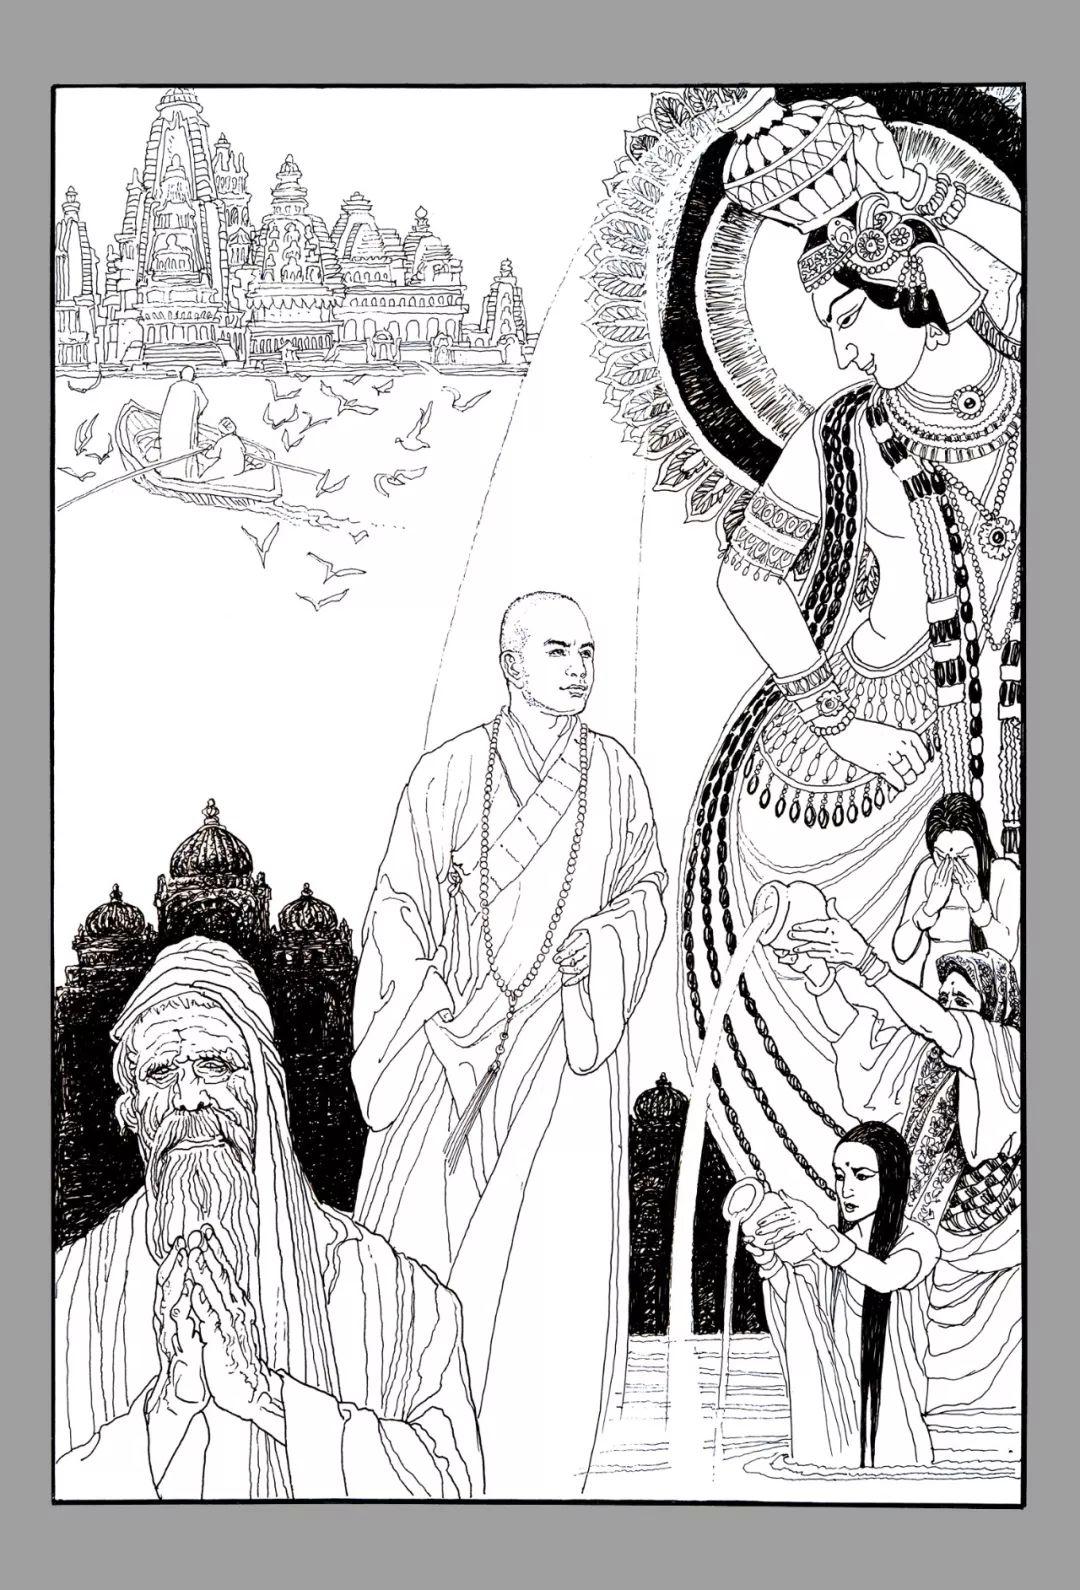 内蒙古画家--彭志信 第69张 内蒙古画家--彭志信 蒙古画廊